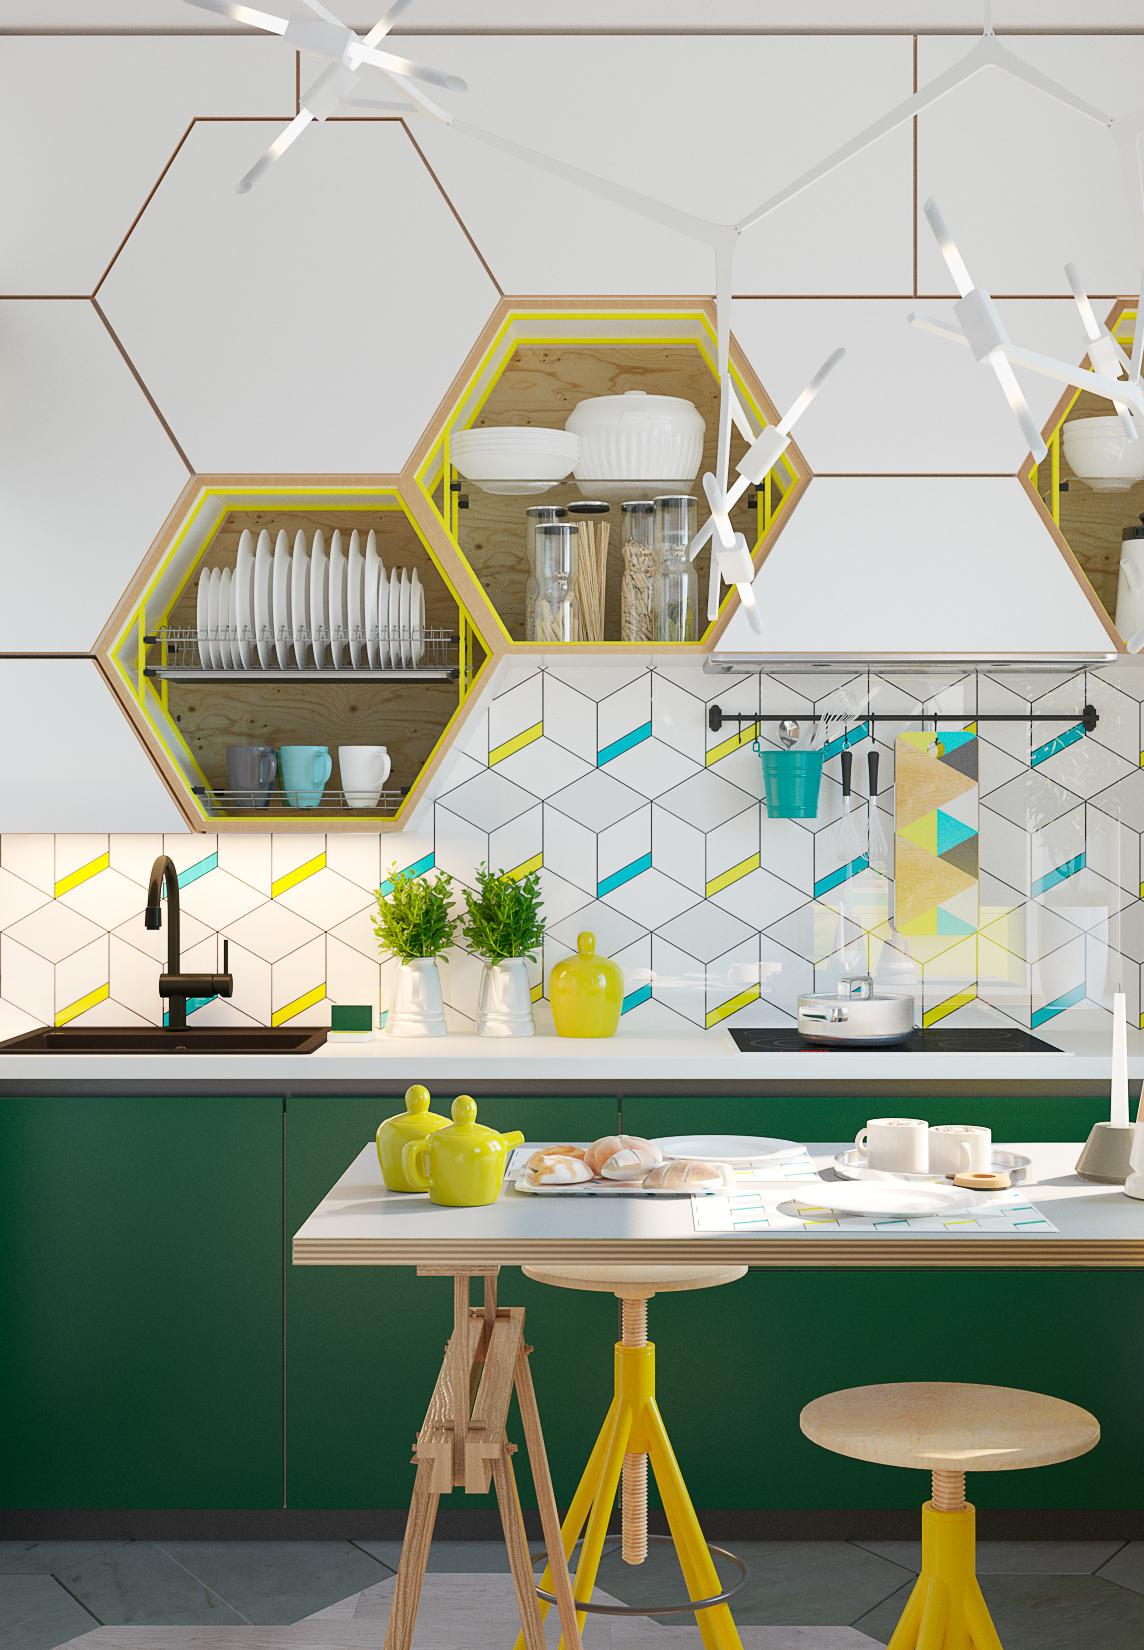 Traga também as cores mais chamativas para a sua composição: o amarelo e o azul turquesa vibram na composição com o branco e verde bandeira